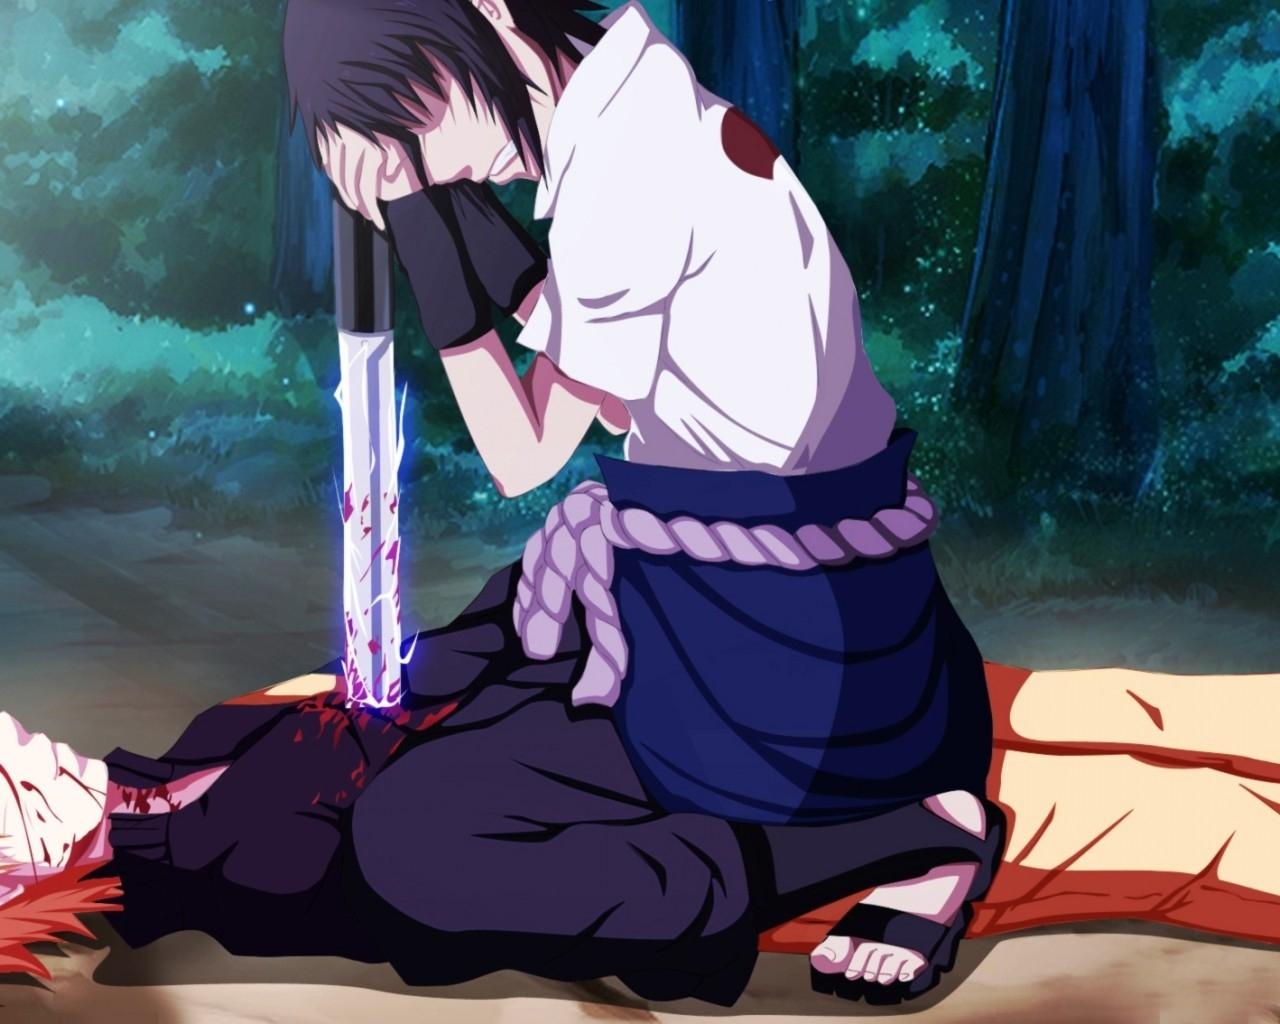 Sasuke Uchiha and Naruto Uzumaki uchiha sasuke 37194364 1280 1024